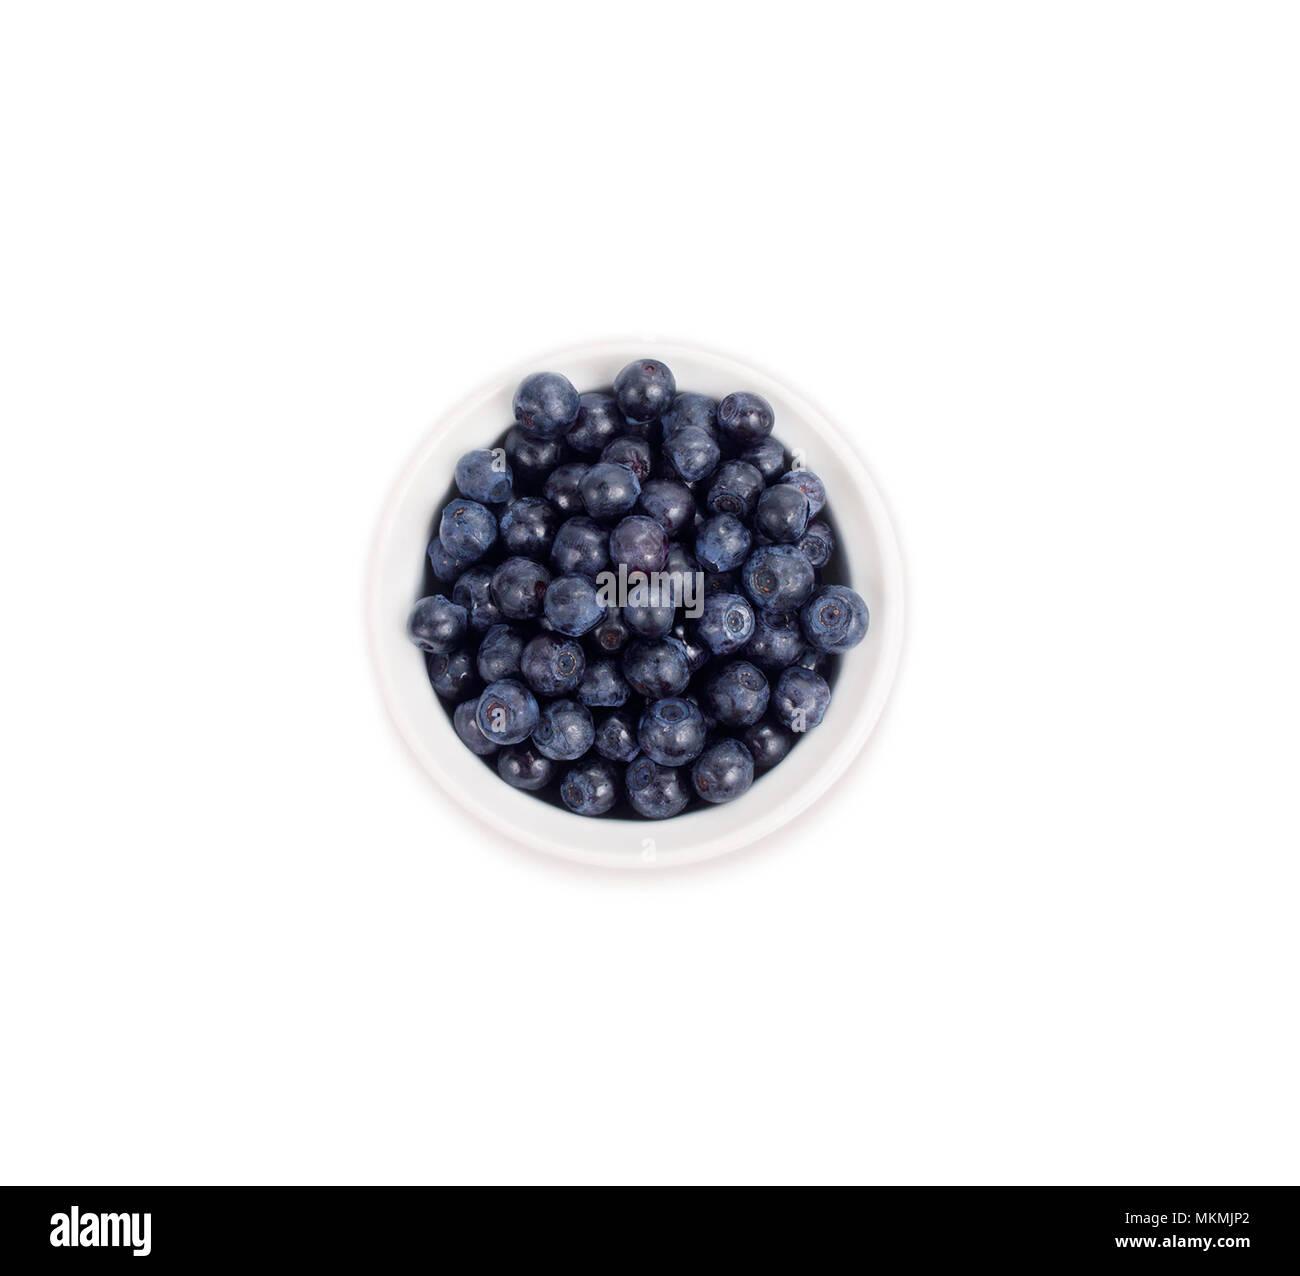 Les myrtilles dans un boin en bois un bol en céramique blanche. Vue d'en haut. Mûr et savoureux bleuets isolé sur fond blanc. Banque D'Images